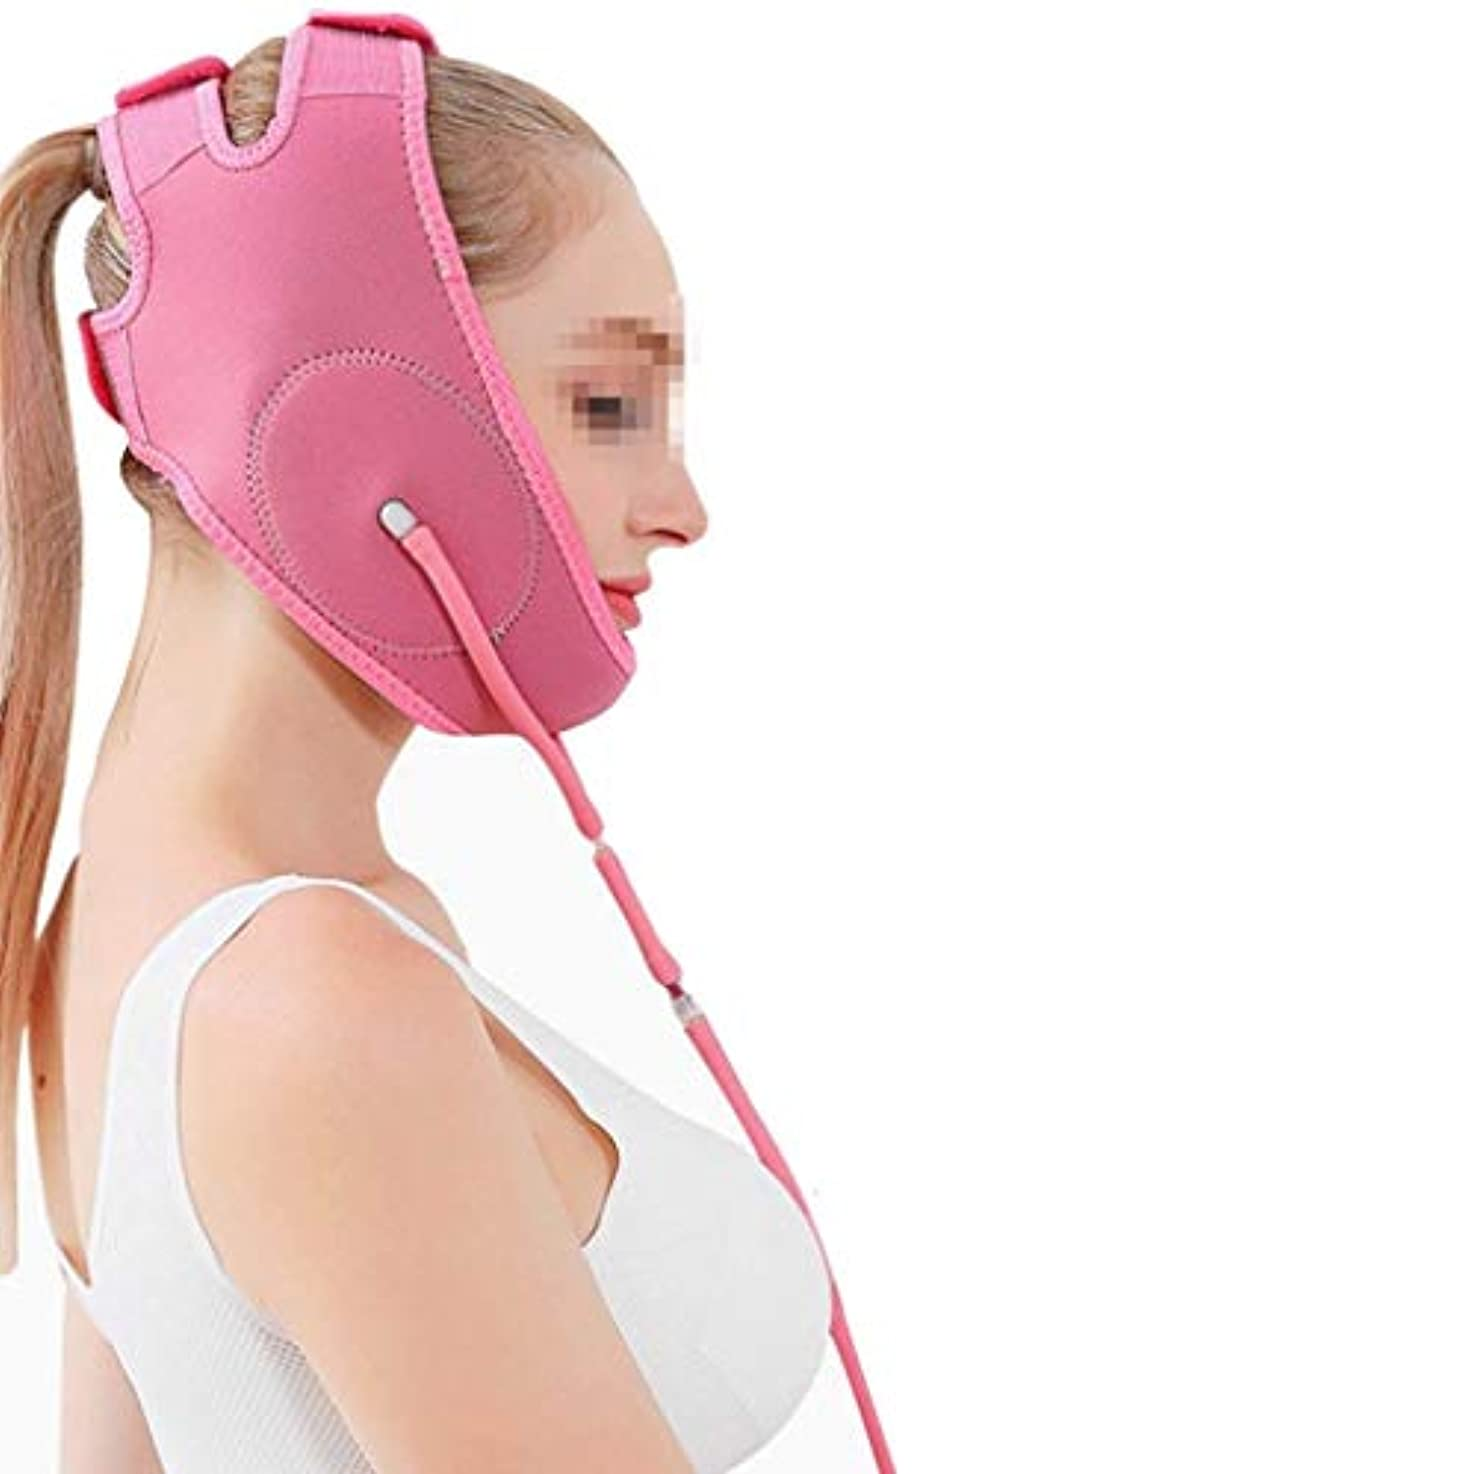 合成津波イディオム空気圧薄型フェイスベルト、マスクスモールVフェイスプレッシャーリフティングシェイプバイトマッスルファーミングパターンダブルチンバンデージシンフェイスバンデージマルチカラーオプション(色:ピンク)